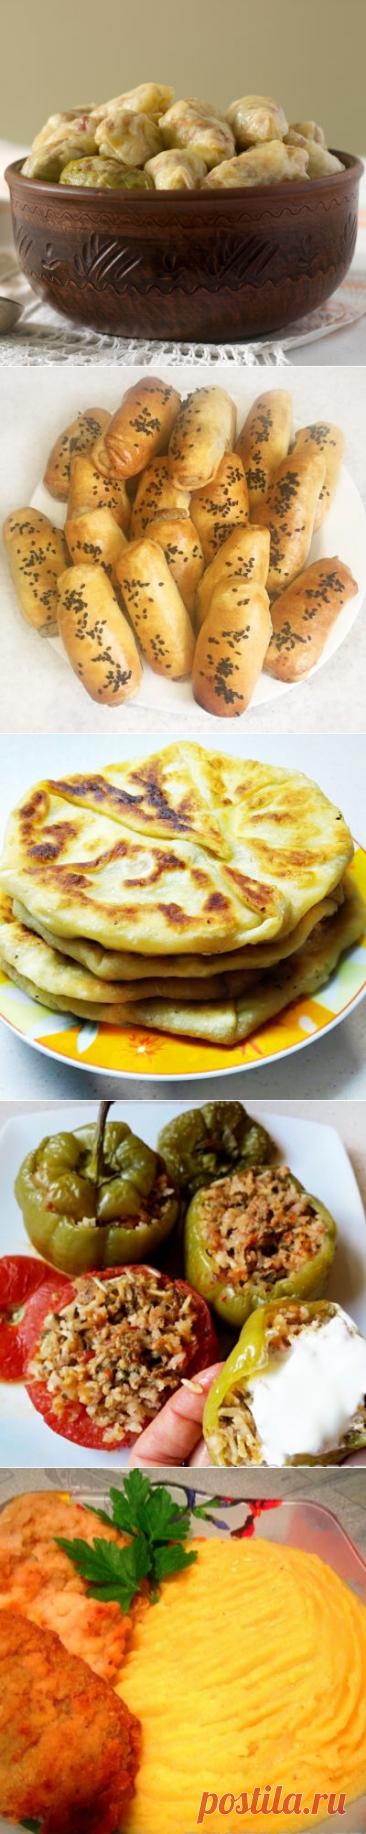 Молдавская кухня - кулинарные рецепты с фото - ФотоРецепт.ру